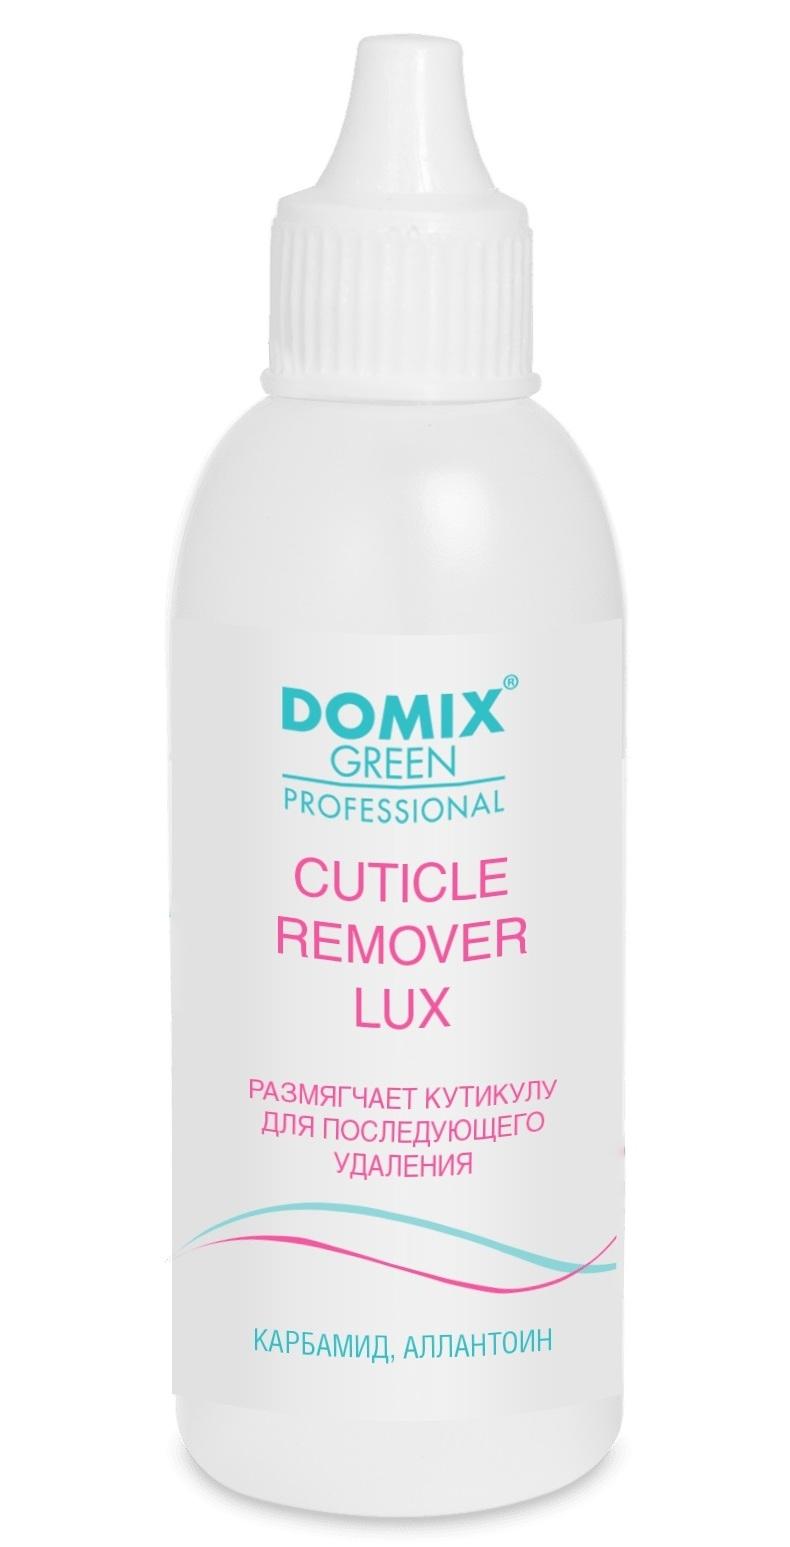 Domix Средство Cuticle Remover Lux для Размягчения и Удаления Кутикулы, 113 мл белита средство для удаления кутикулы pro pedicure 80 мл